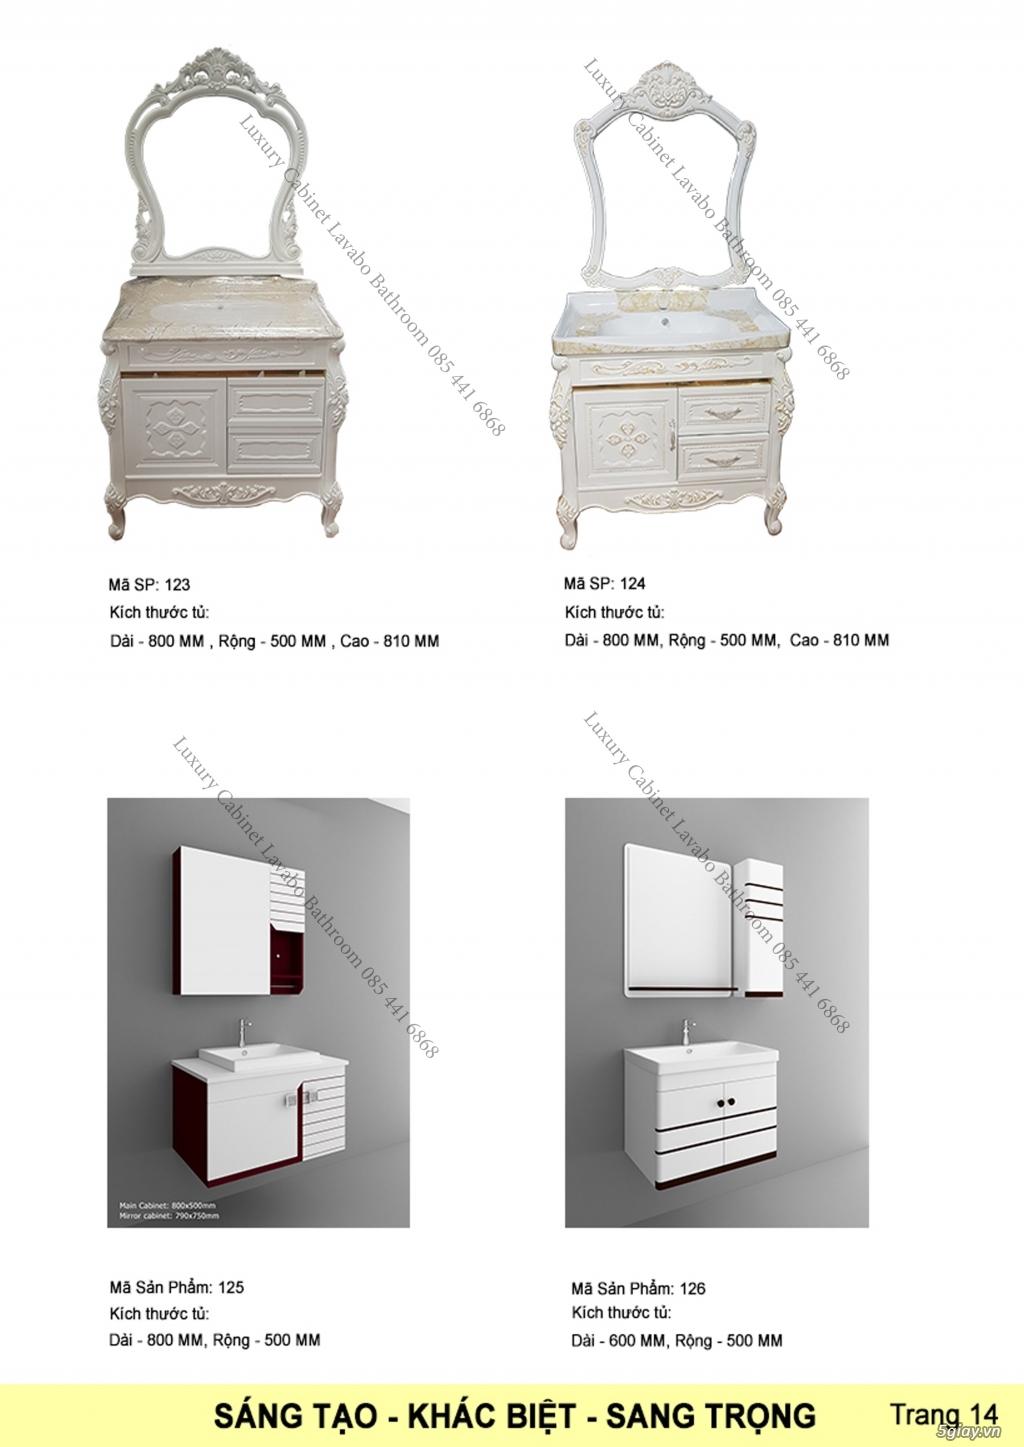 Bán tủ chậu lavabo tân cổ điển, hiện đại, tủ chậu mặt đá phòng tắm - 14